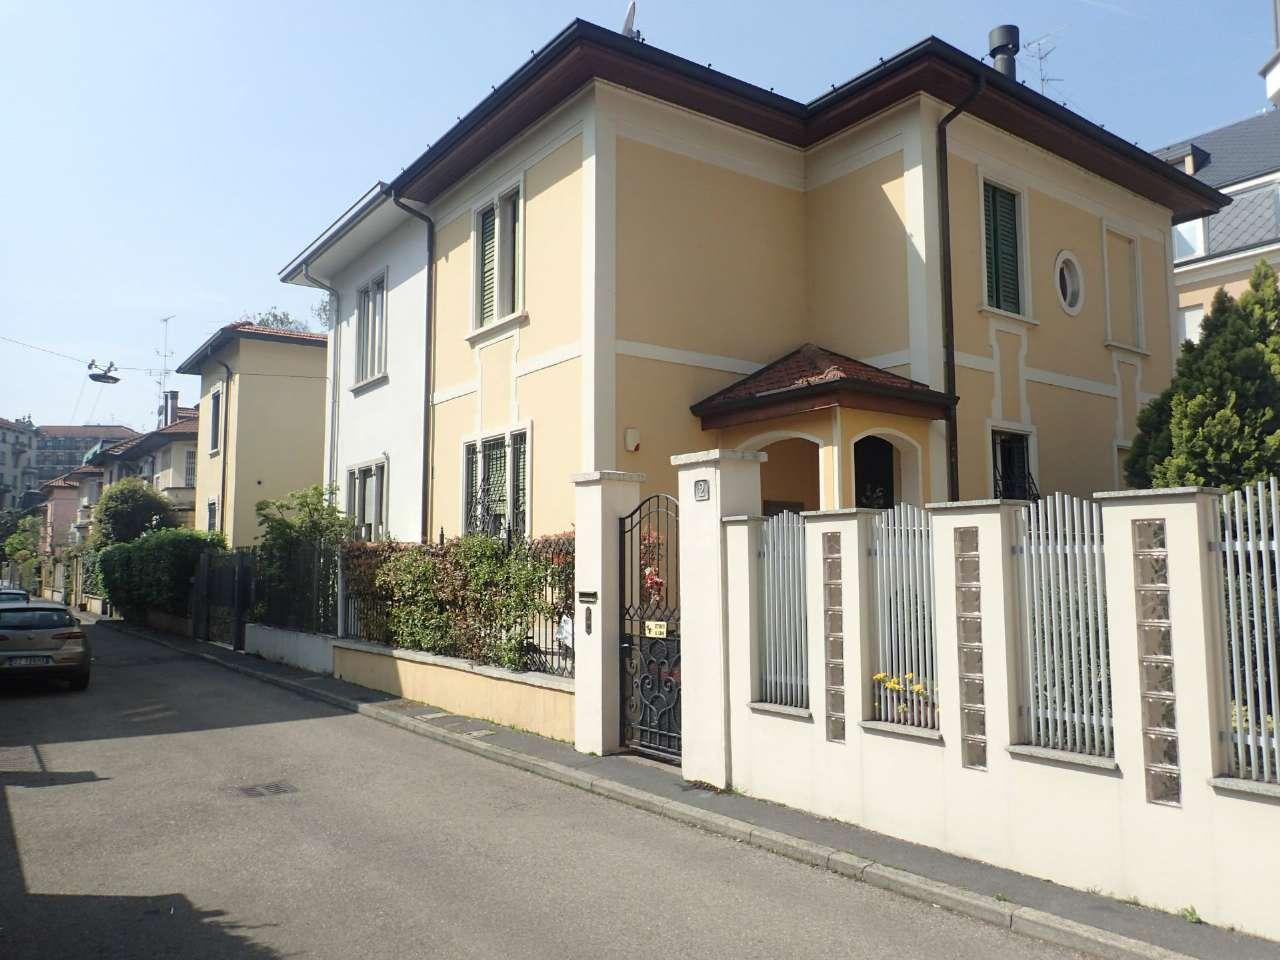 Villa in Vendita a Milano 08 Vercelli / Magenta / Cadorna / Washington: 5 locali, 240 mq